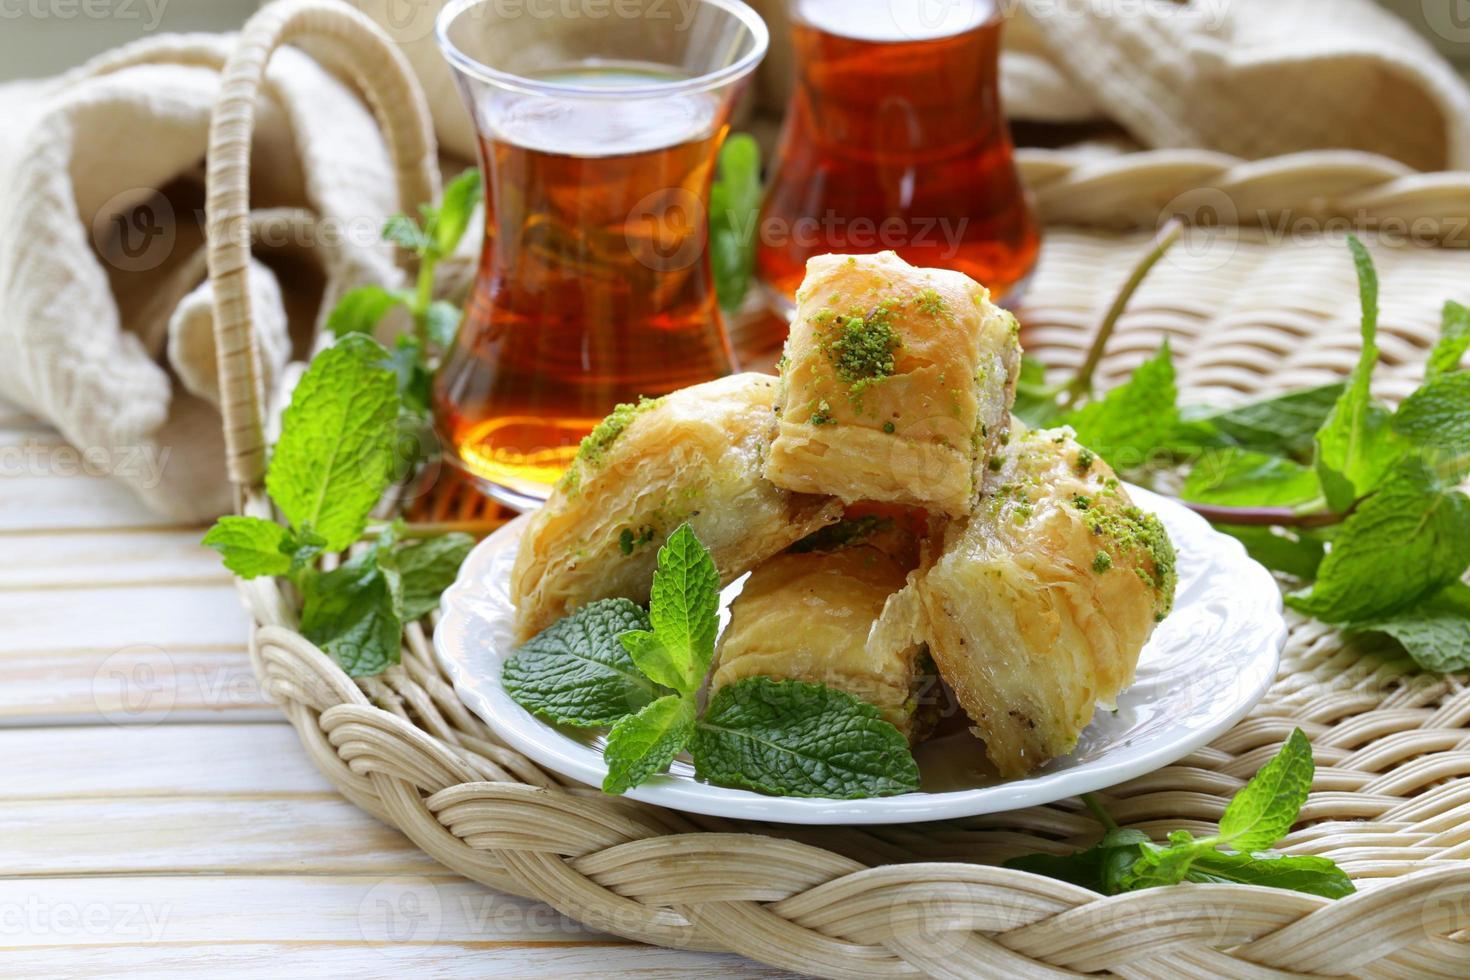 dessert arabe turc traditionnel - baklava au miel et aux pistaches photo